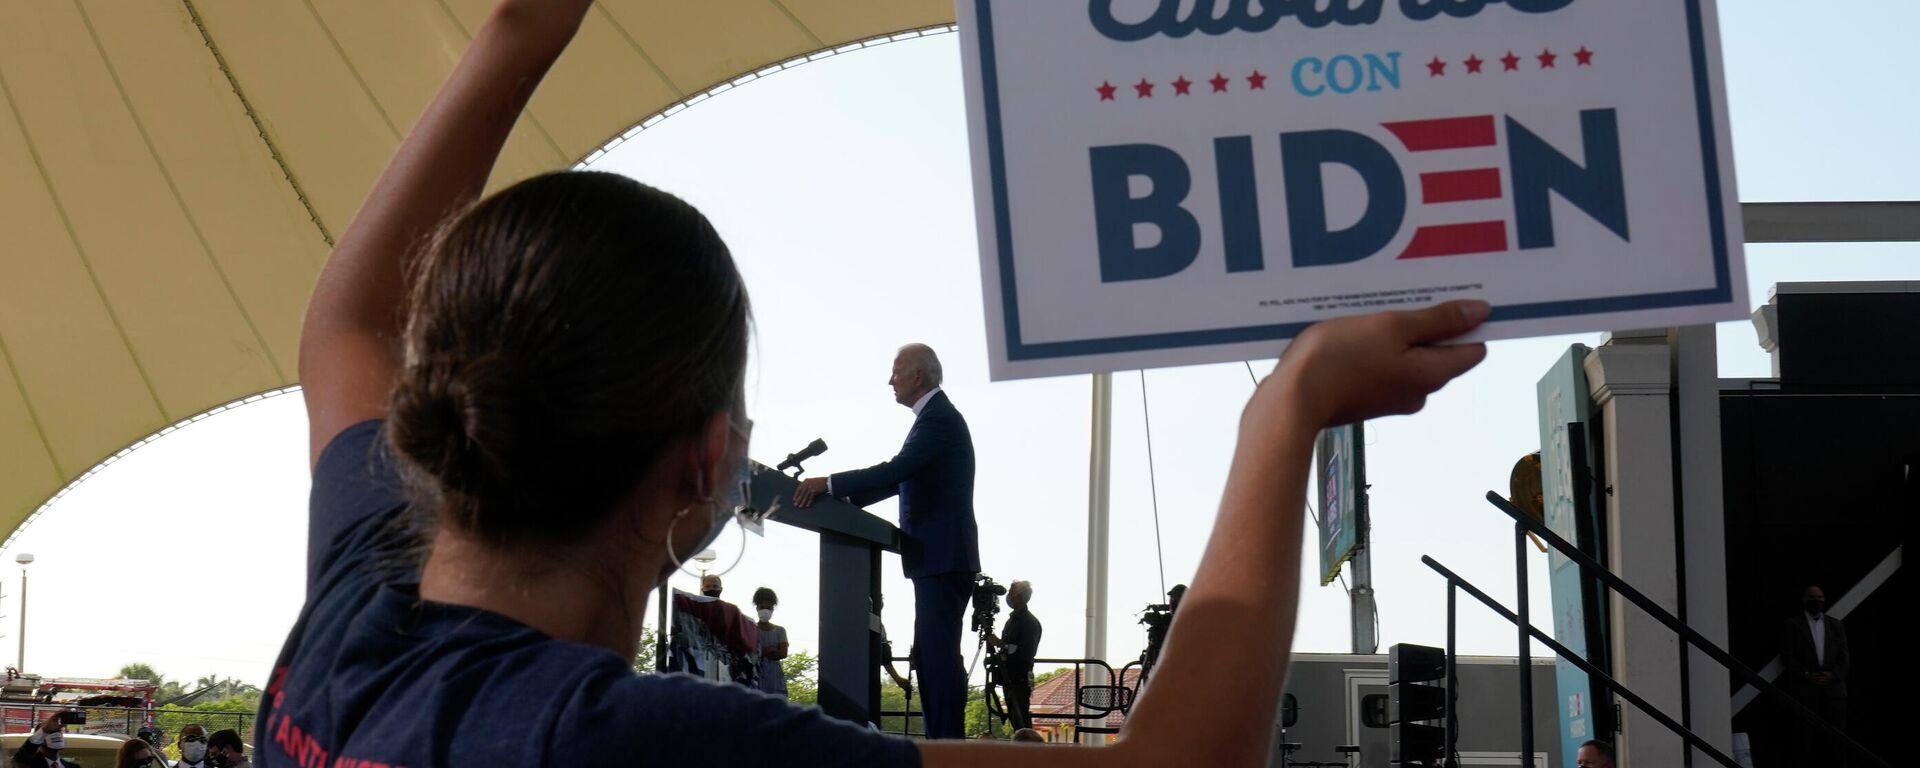 Joe Biden, presidente de EEUU, durante su campaña electoral en Florida (EEUU), el 13 de octubre del 2020 - Sputnik Mundo, 1920, 20.07.2021